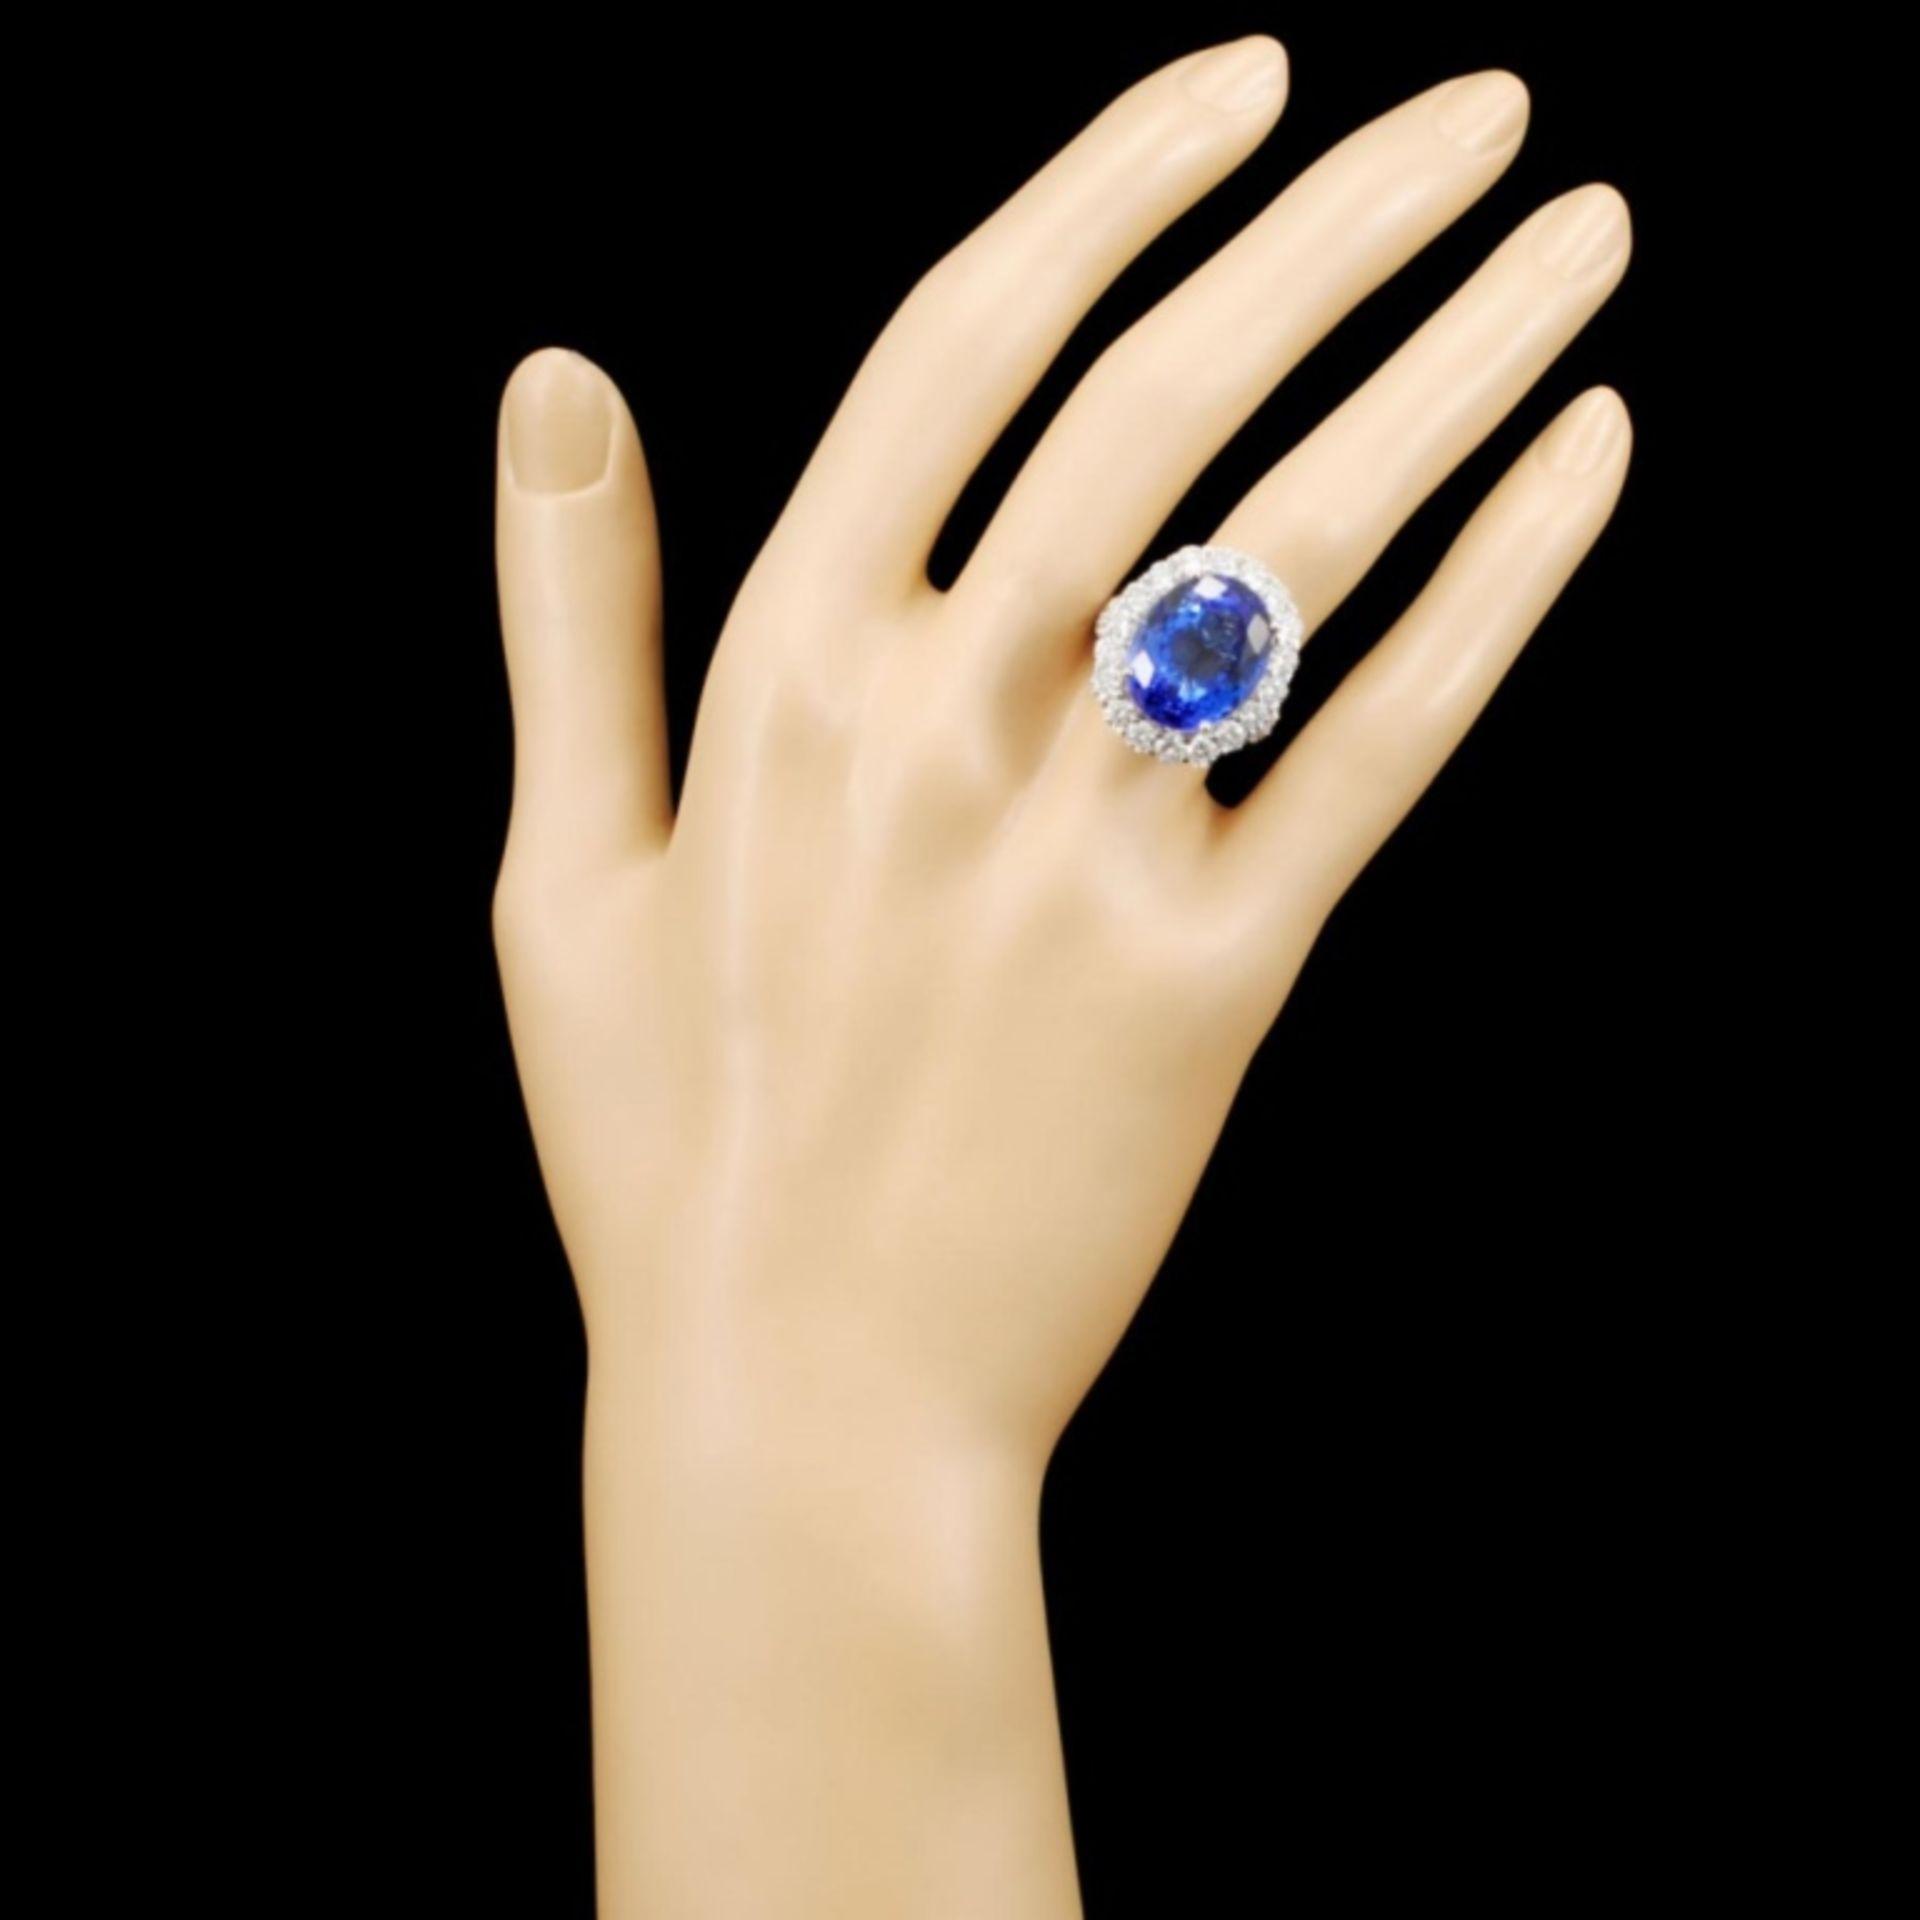 18K Gold 16.11ct Tanzanite & 3.06ctw Diamond Ring - Image 4 of 5